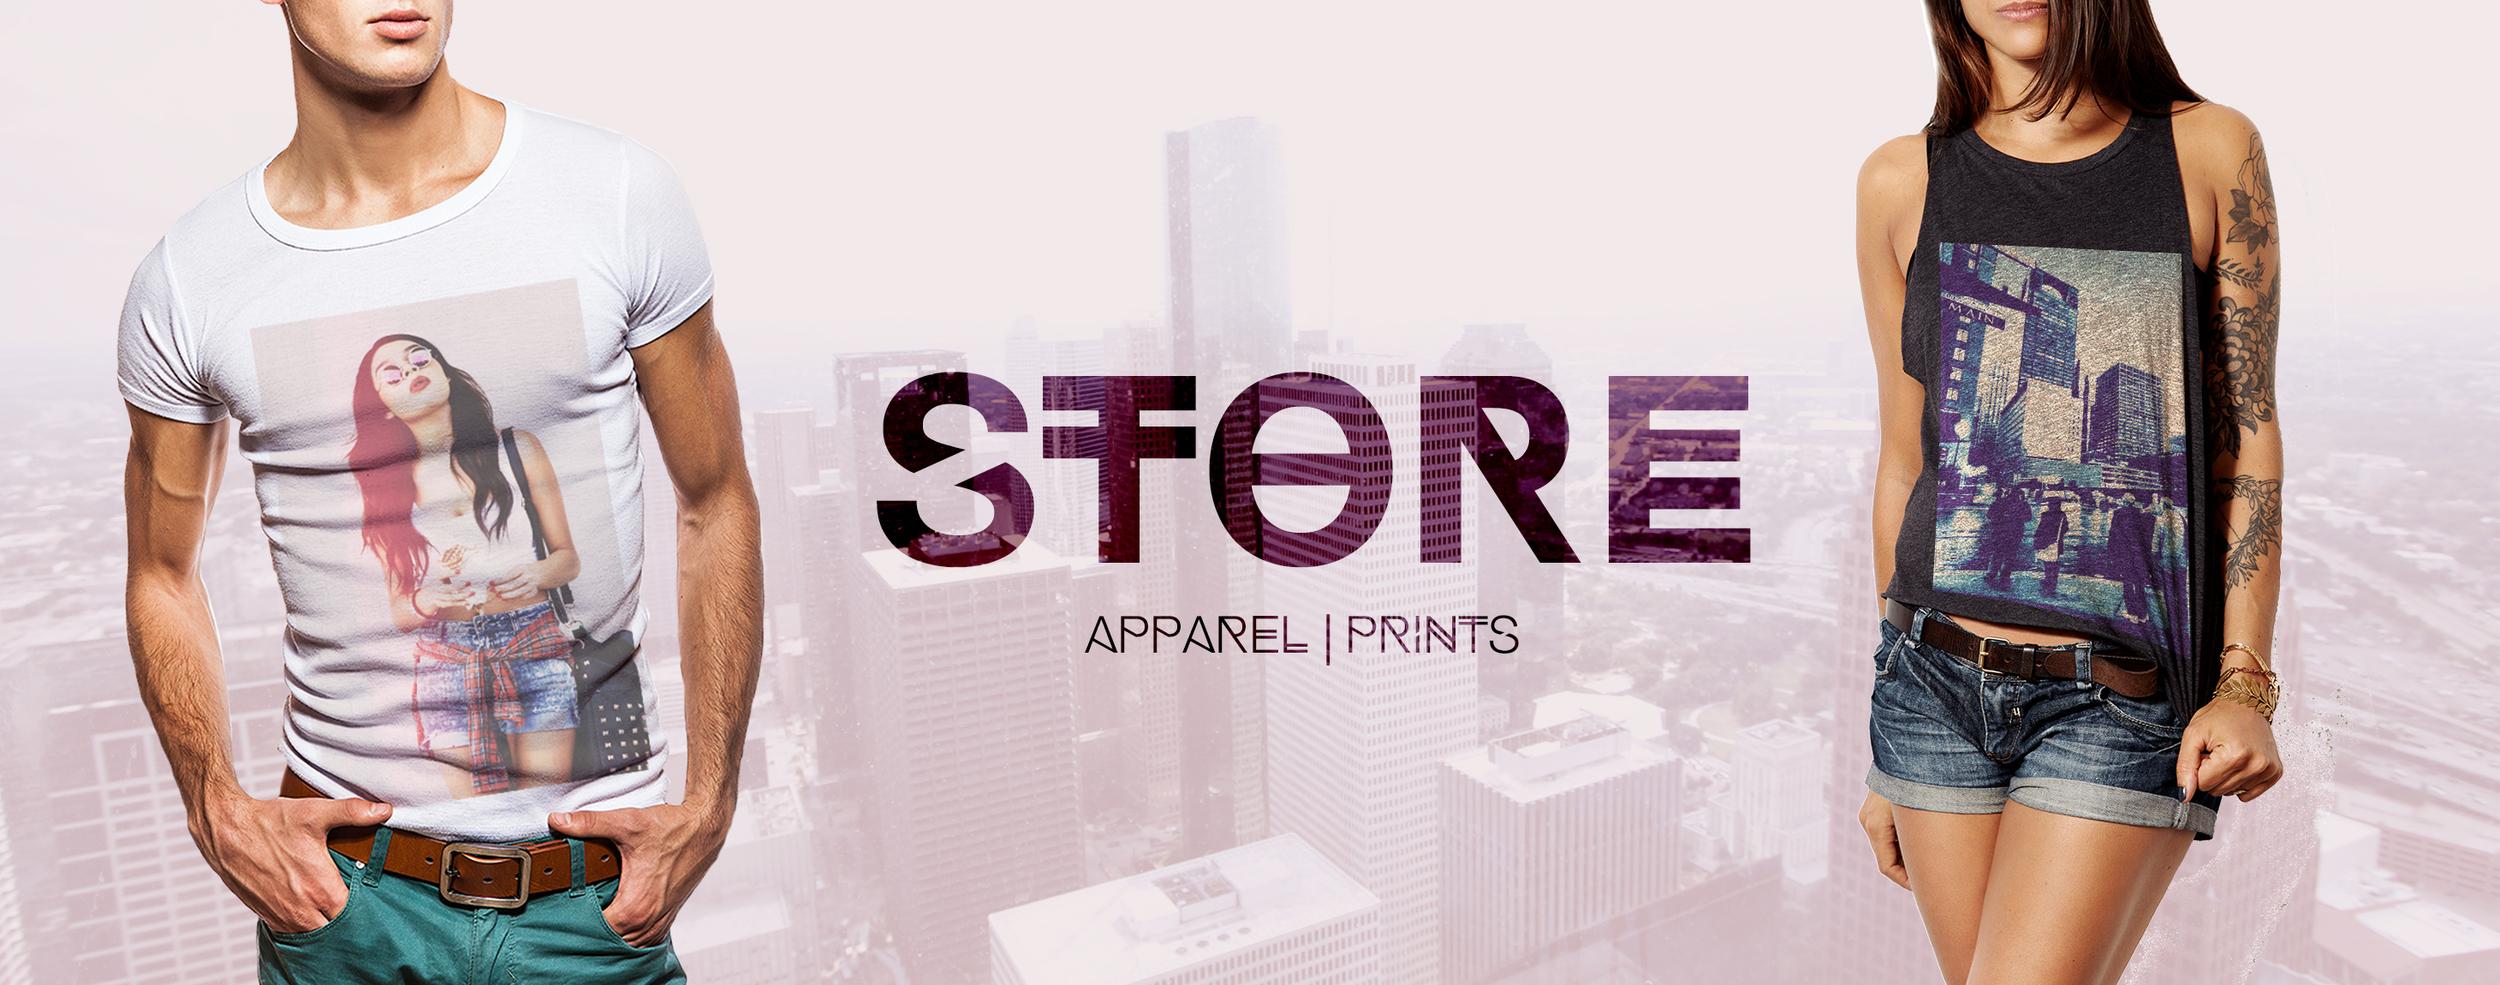 Store_Header_3_Apparel.jpg